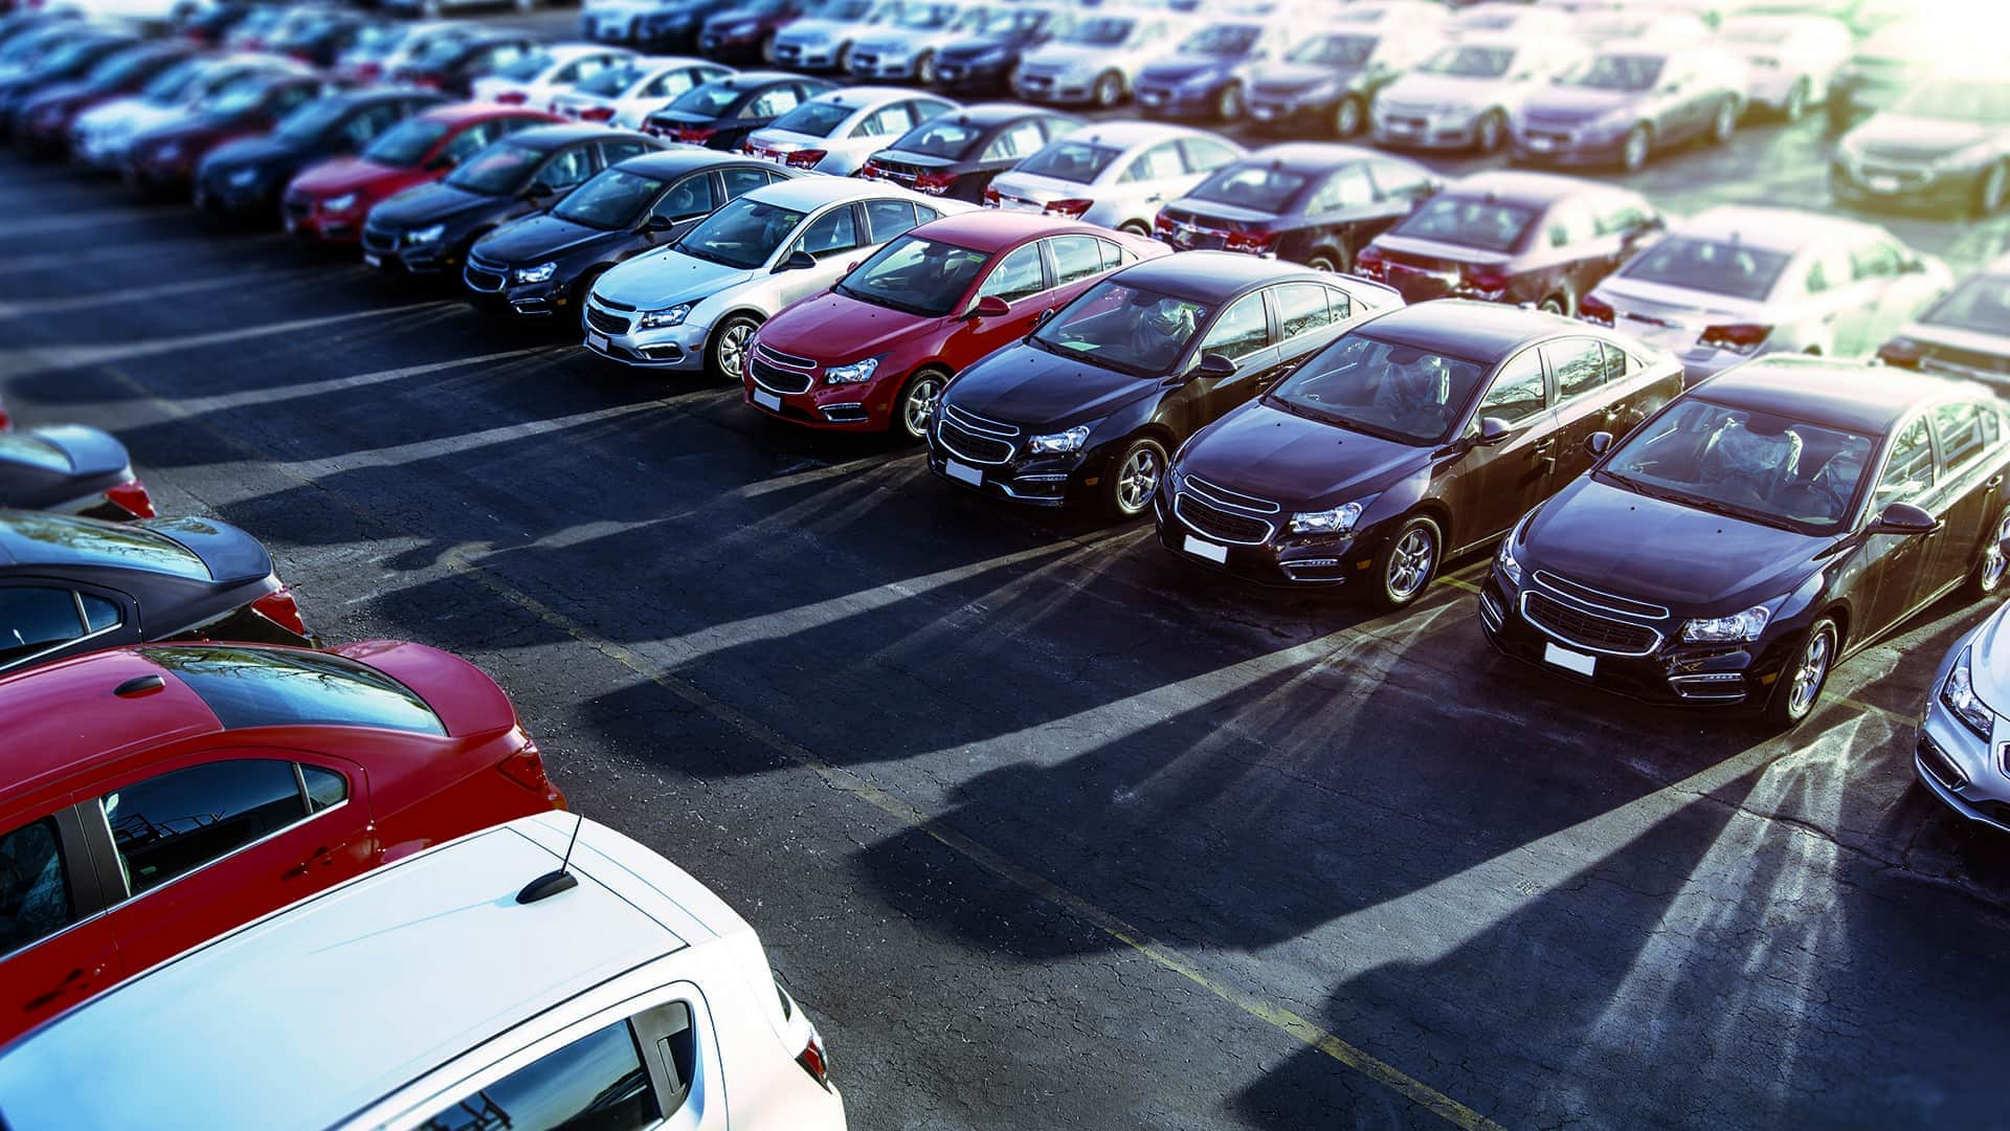 أوفر برايس - مبيعات سيارات - السيارات الأوروبية - الأوفر برايس - شركات السيارات - أكبر دولة مبيعات السيارات - مبيعات السيارات العالمية - مبيعات السيارات في الصين - مبيعات السيارات في أمريكا - مبيعا تالسيارات في اليابان - مبيعات السيارات في ألمانيا - مبيعات السيارات في جنوب افريقيا - مبيعات السارات في ايران - مبيعات السيارات في البرازيل - أكبر دولة مبيعا للسيارات في العالم - مبيعات السيارات في السعودية - مبيعات السيارات في الدول العربية - اكتر دولة عربية تبيع ايسارت - احصائيات مبيعات السيارات في مصر - موقع سيارات مستعملة - جروب سيارات - أحدث السيارات - أخبار السيارات - أسعار السيارات